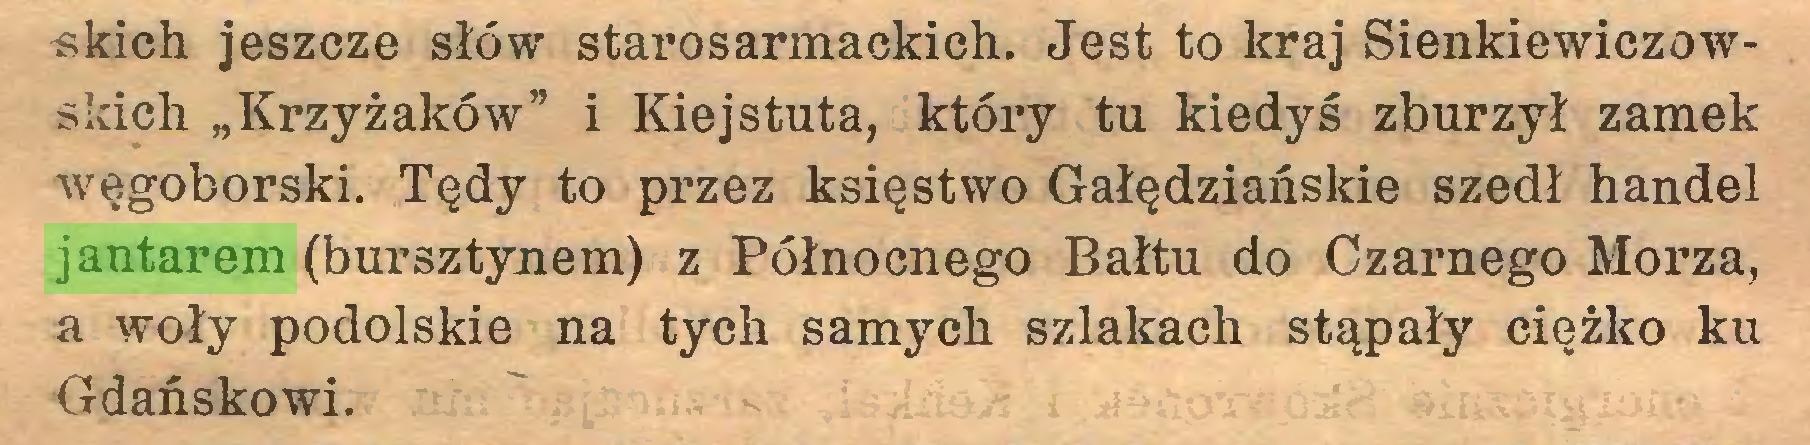 """(...) «kich jeszcze słów starosarmackich. Jest to kraj Sienkiewiczowskich """"Krzyżaków"""" i Kiejstuta, który tu kiedyś zburzył zamek węgoborski. Tędy to przez księstwo Gałędziańskie szedł handel jantarem (bursztynem) z Północnego Bałtu do Czarnego Morza, a woły podolskie na tych samych szlakach stąpały ciężko ku Gdańskowi..."""